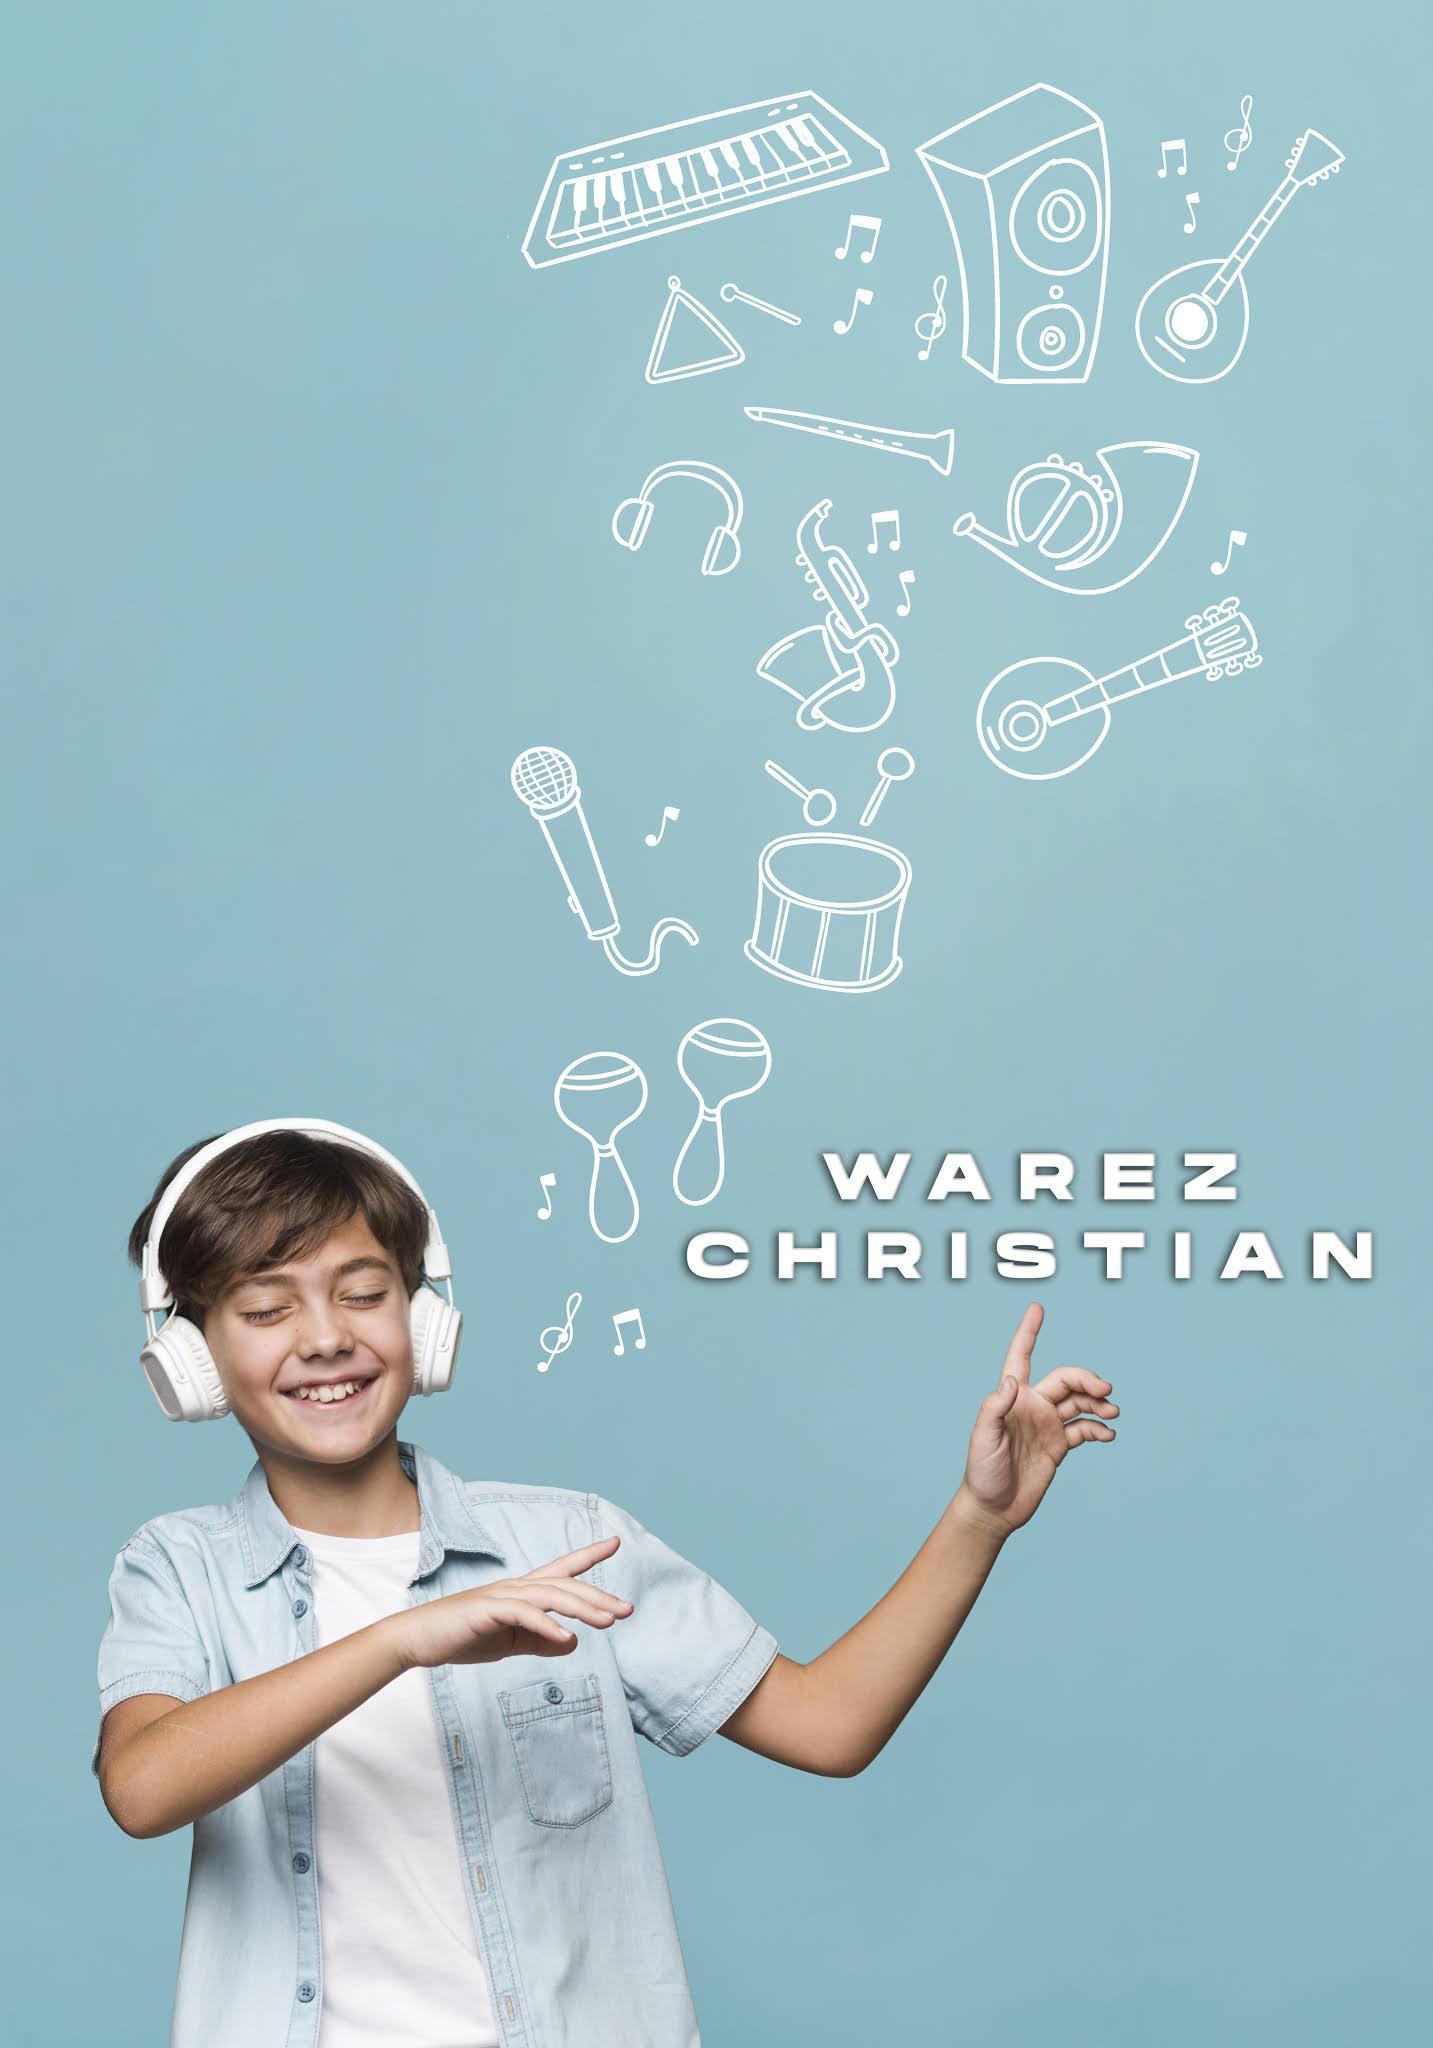 Pedidos de Musica Cristiana en WarezChristian !!